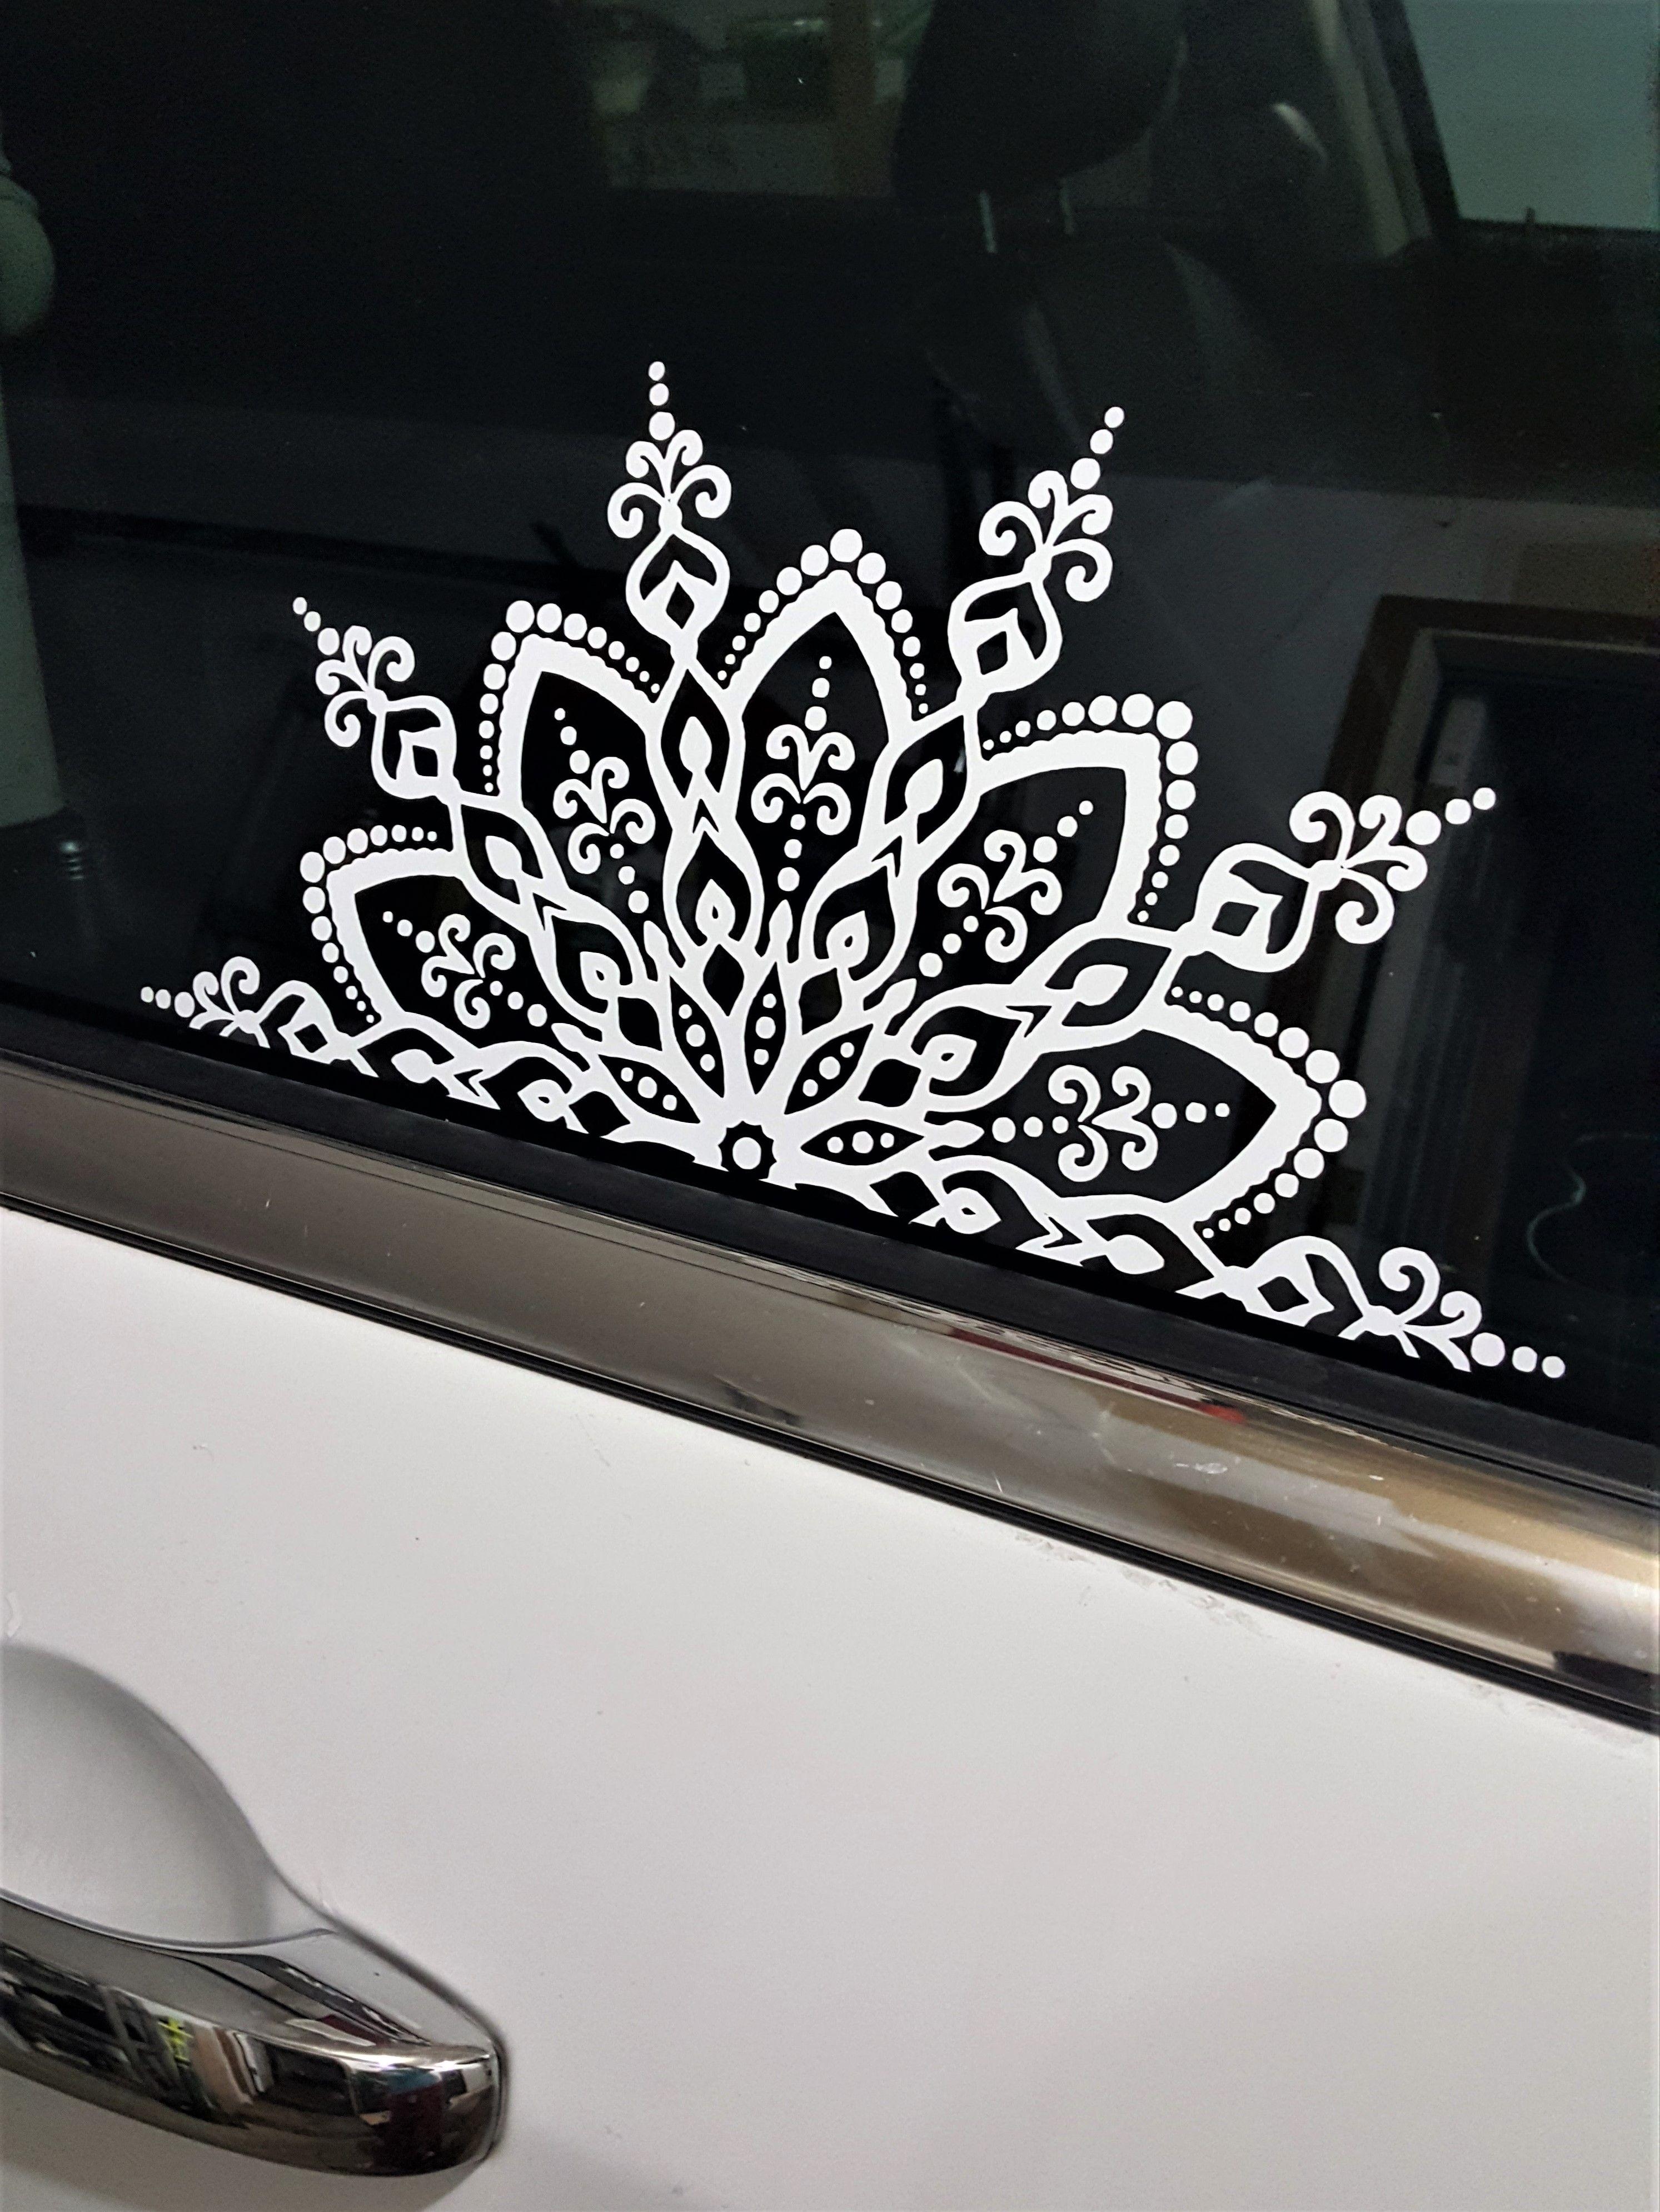 Mandala Car Decal Mandala Sticker Half Mandala Mandala Vinyl Decal Sticker Flower Decal Decorative Car Decals In 2021 Mandala Decals Car Deco Large Decal [ 3981 x 2987 Pixel ]